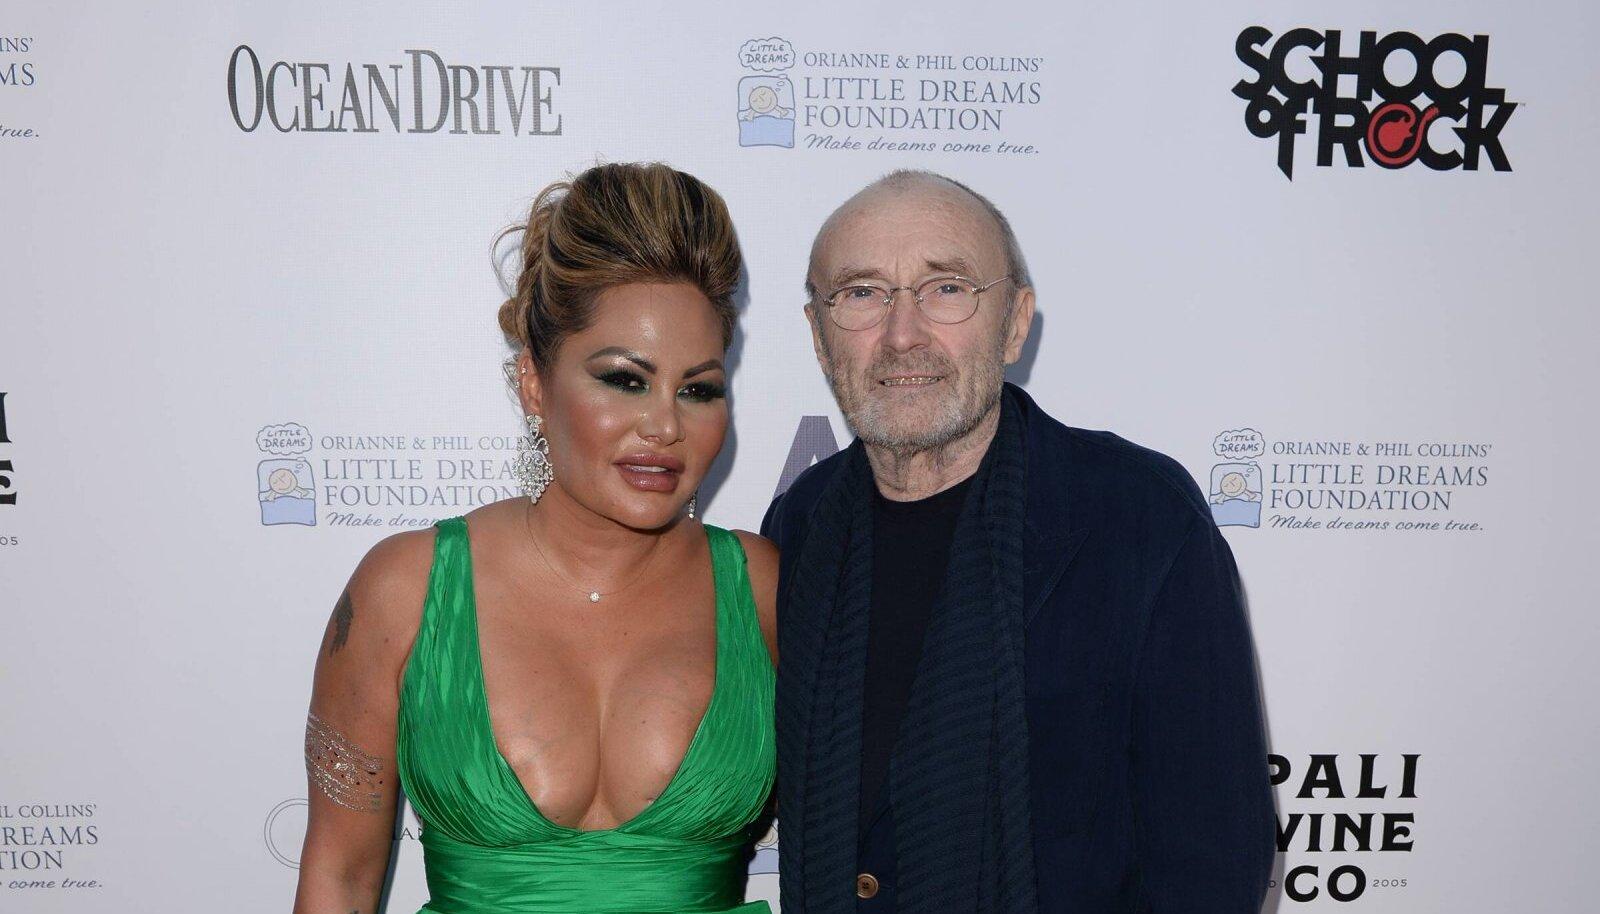 Orianne ja Phil Collins, 2018